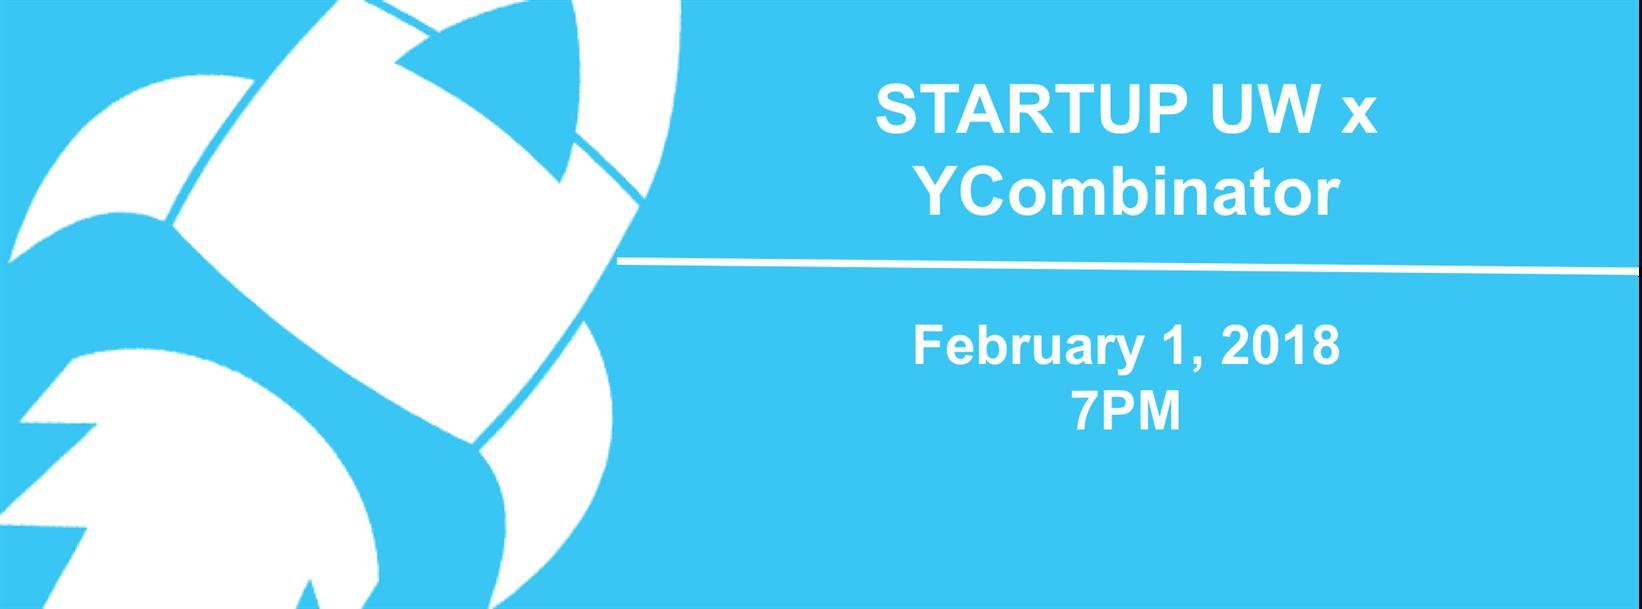 Startup UW x YCombinator